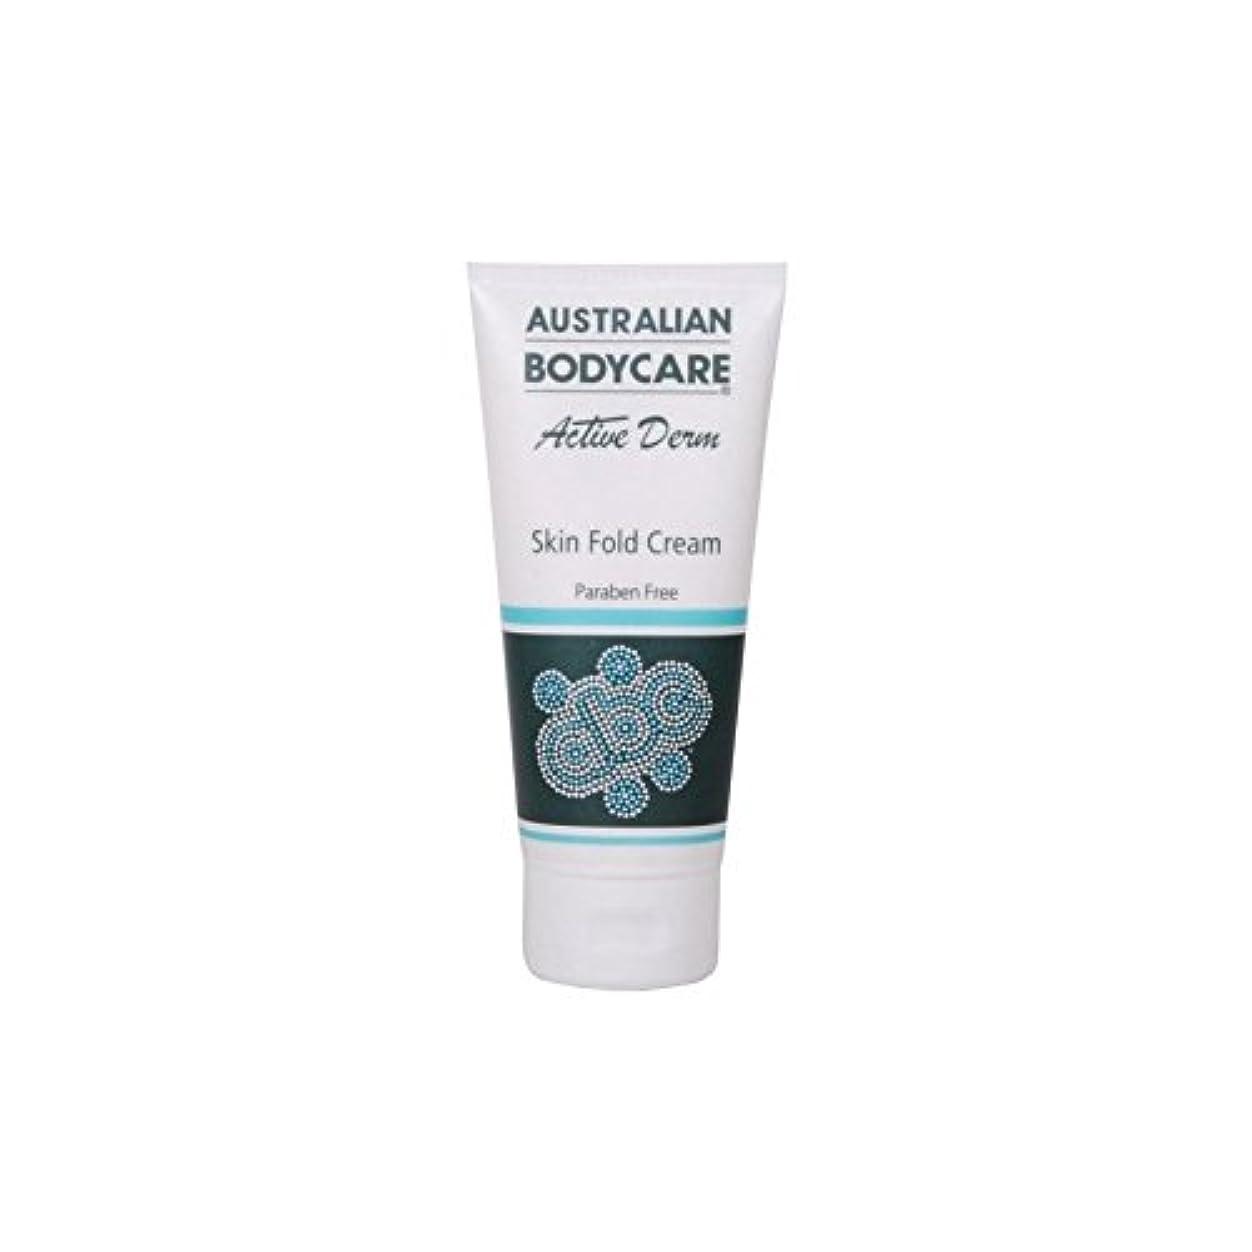 軍団特異性助けてAustralian Bodycare Active Derm Skin Fold Cream (100ml) - オーストラリアのボディケアアクティブダーム皮膚のひだクリーム(100ミリリットル) [並行輸入品]